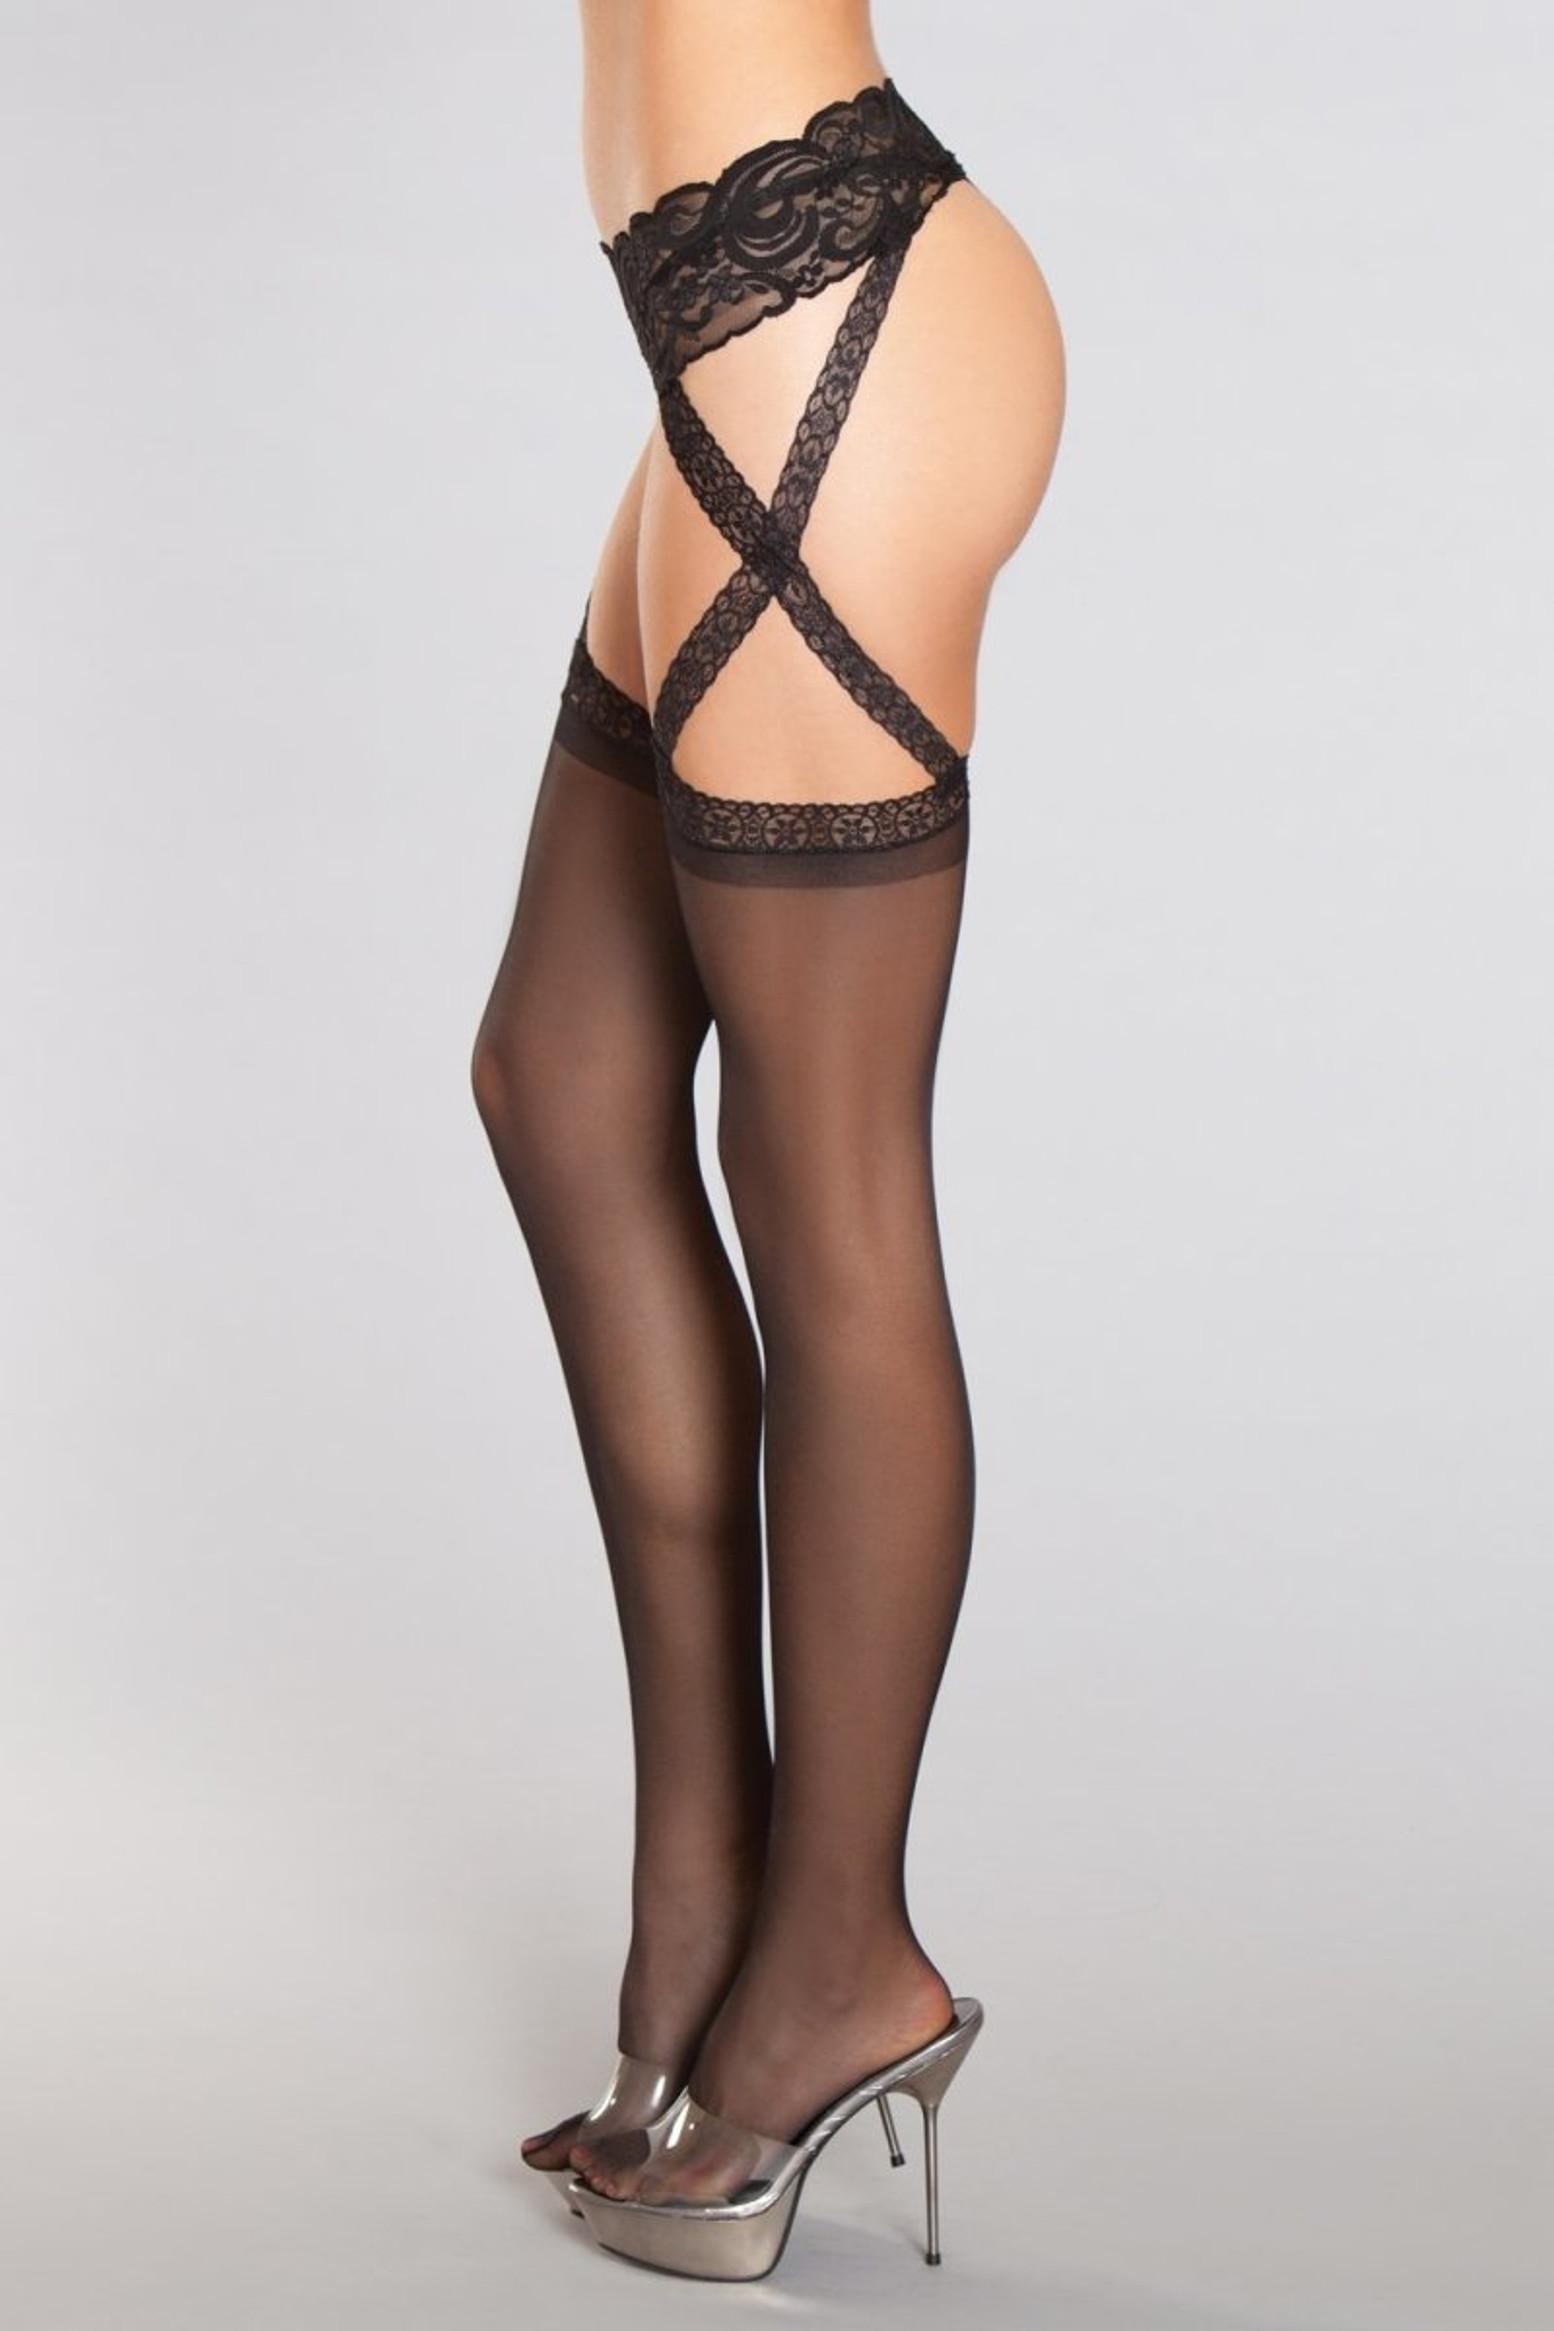 BWH805 Criss-cross Lace Garter Thigh Highs